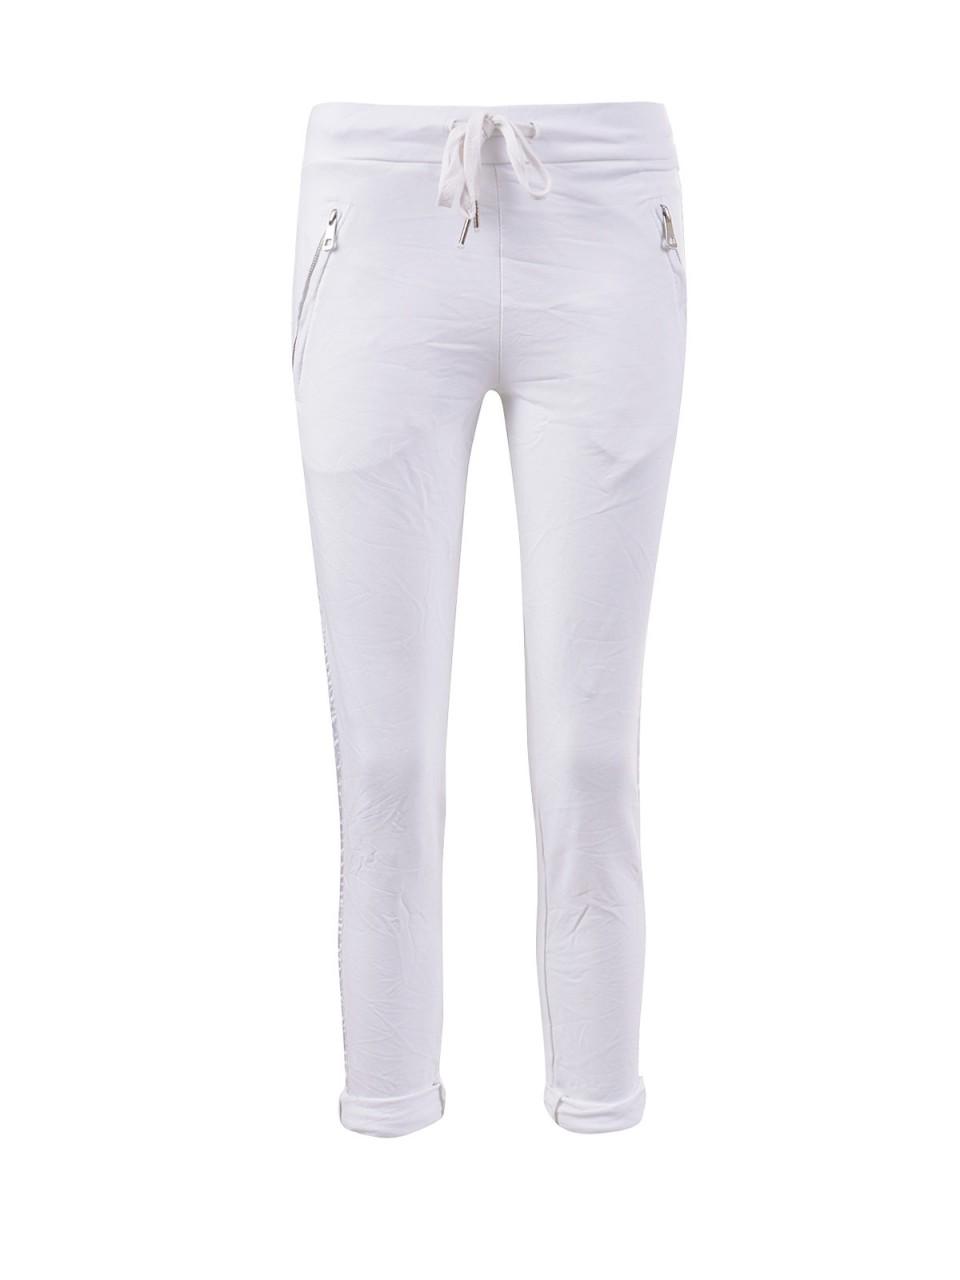 heartkiss-damen-hose-wei-szlig-, 14.99 EUR @ designermode-com-mode